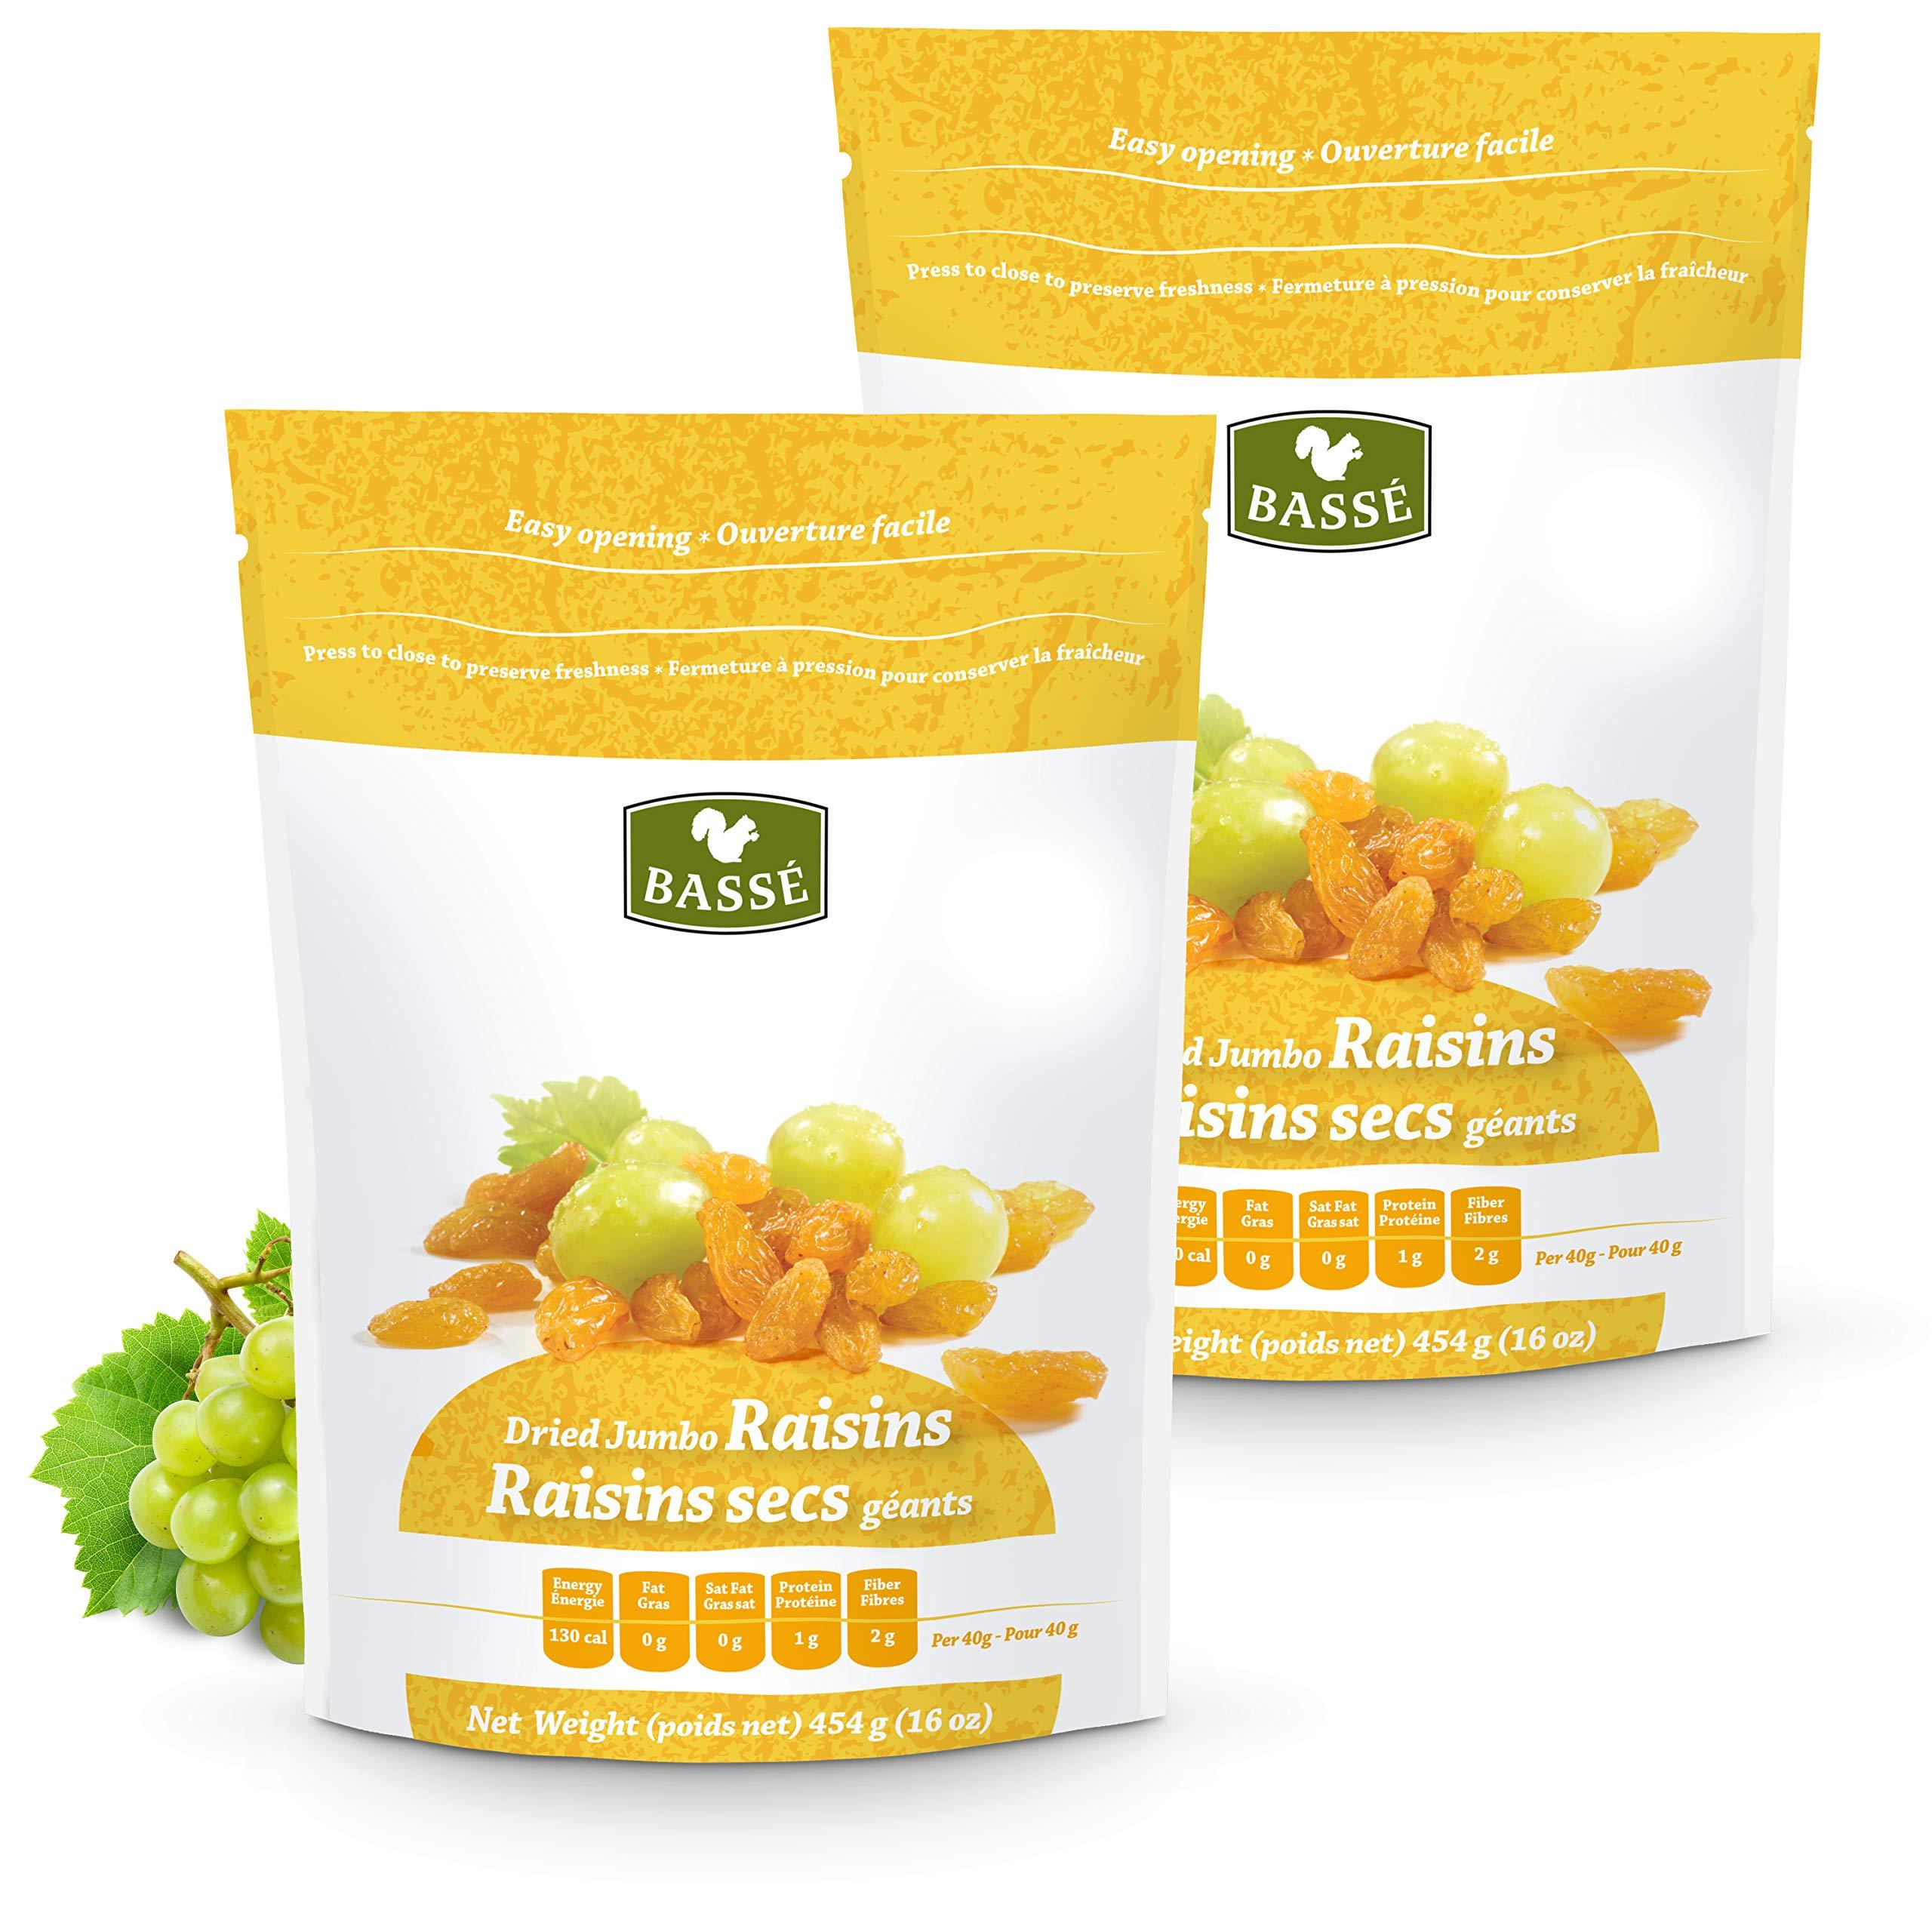 Golden Raisins, Dried Jumbo Golden Raisins from Basse Dried Fruits (2 Pounds)